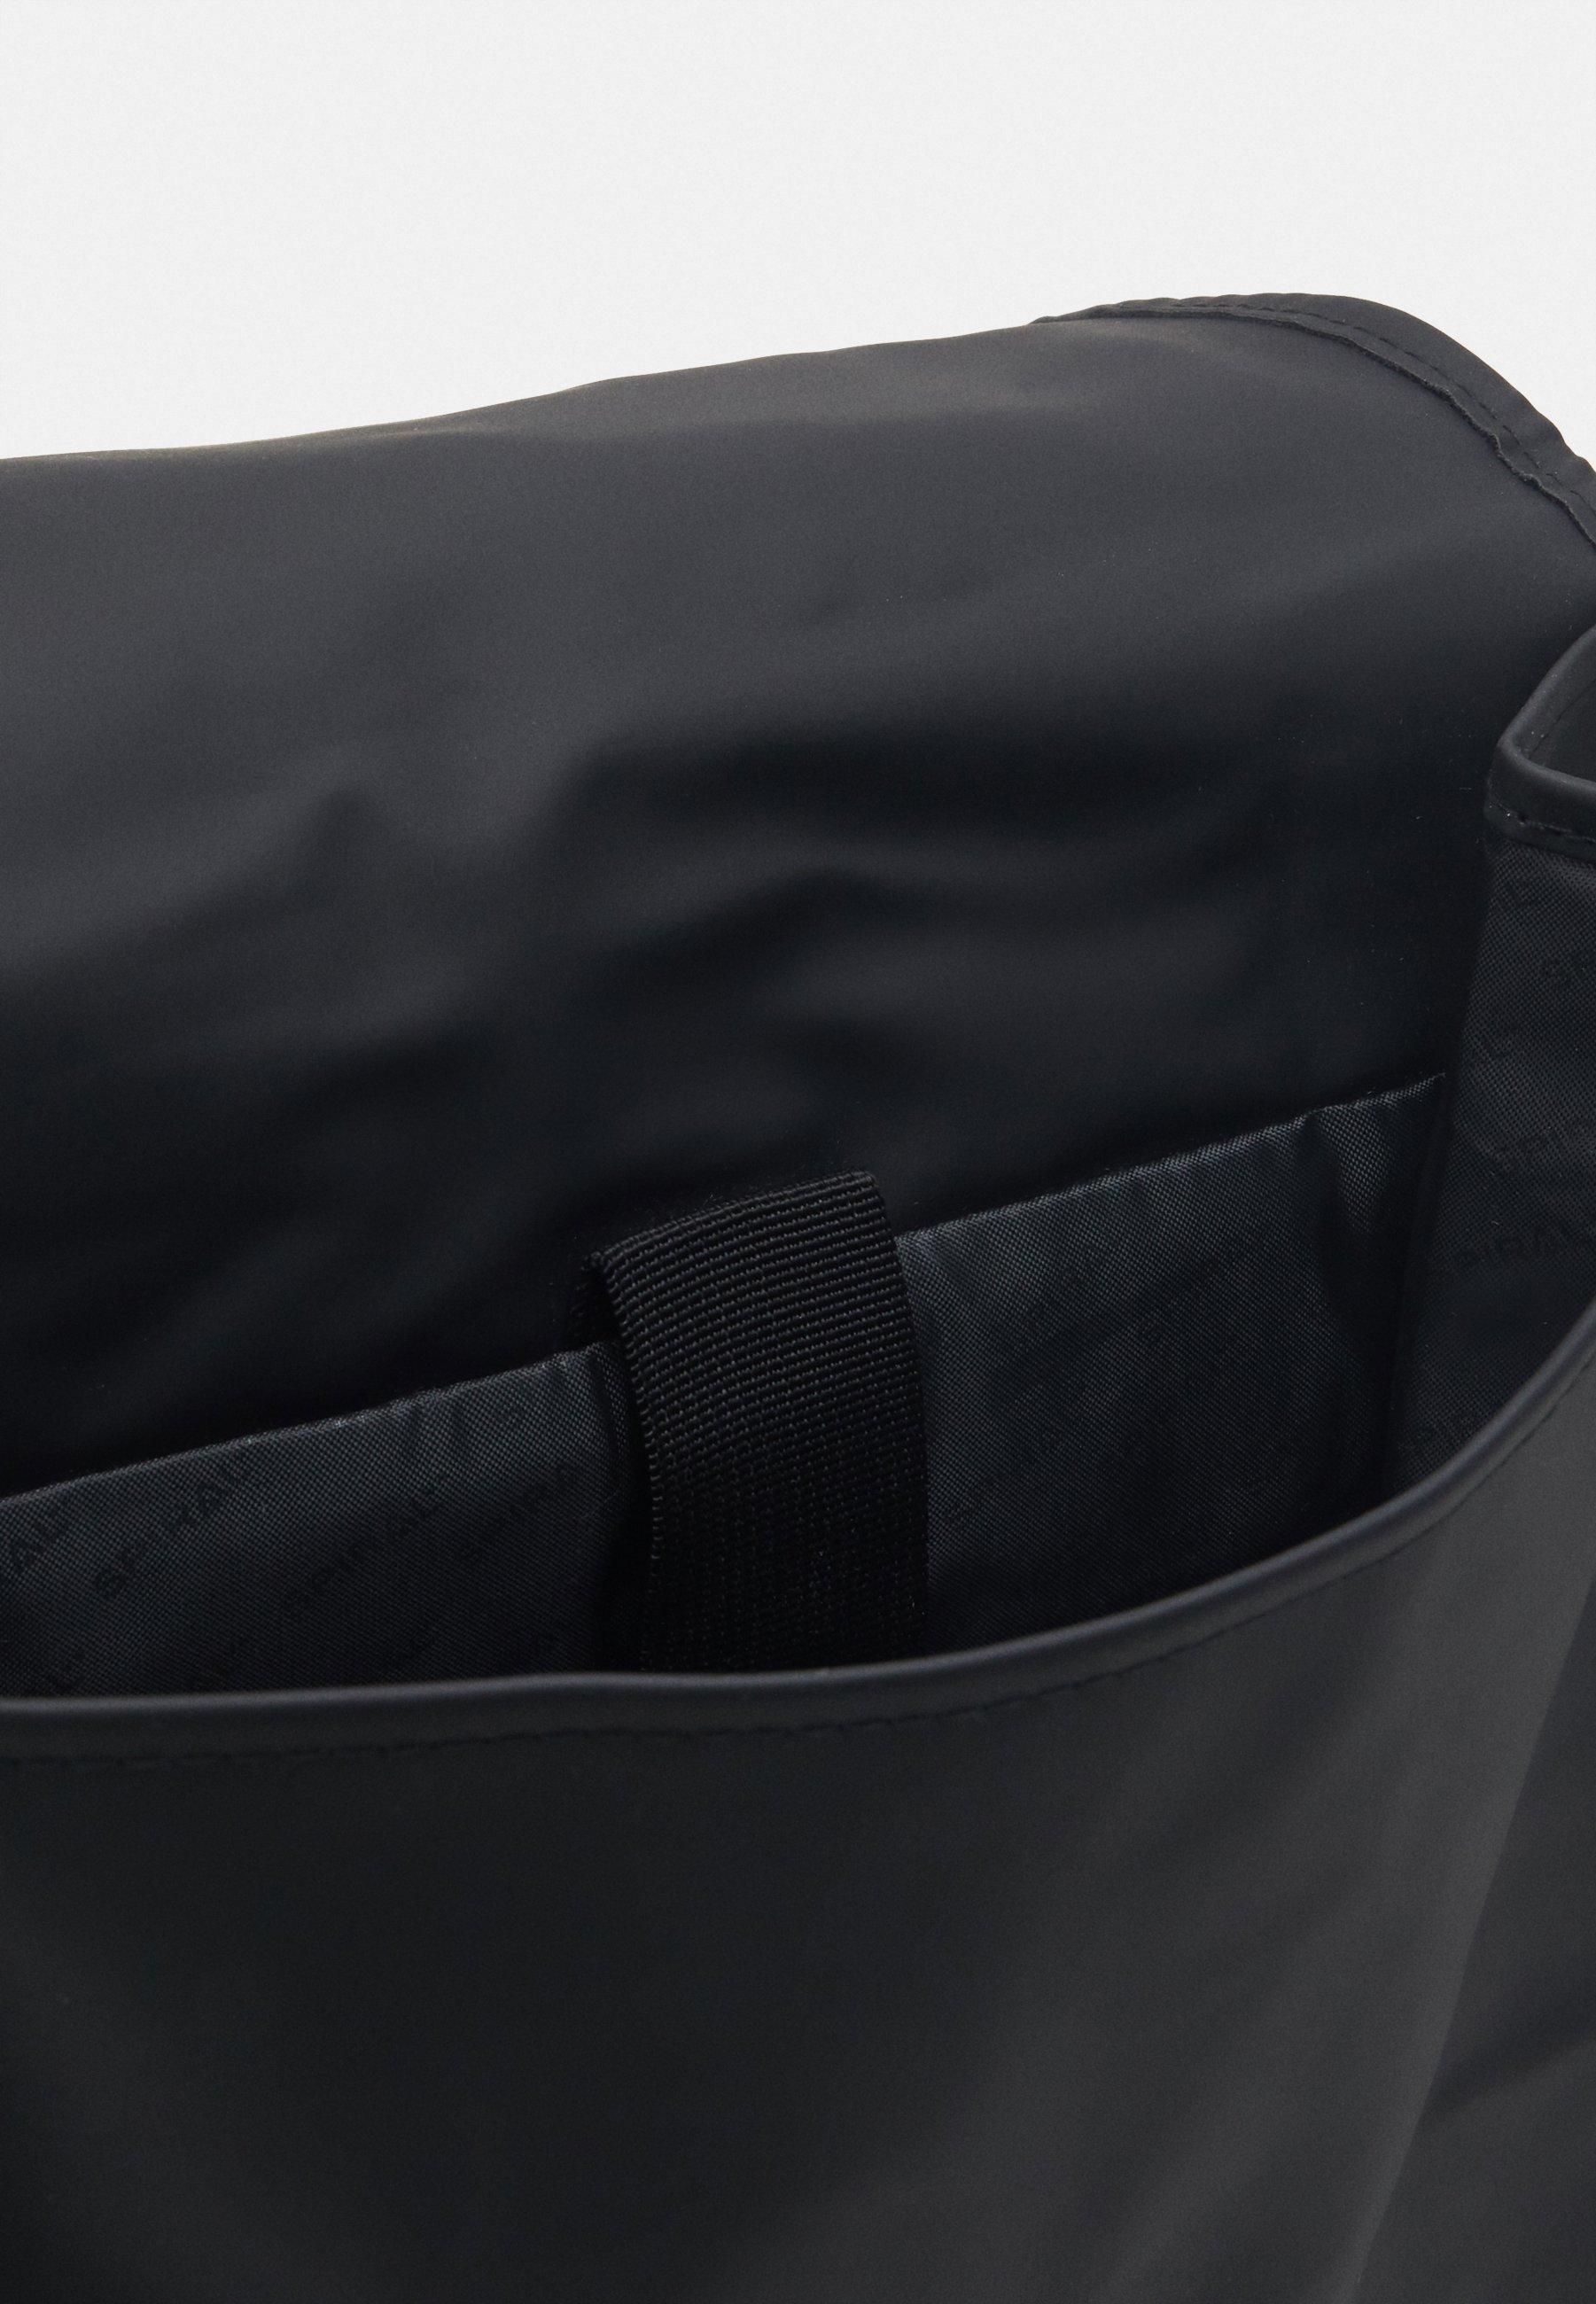 Spiral Bags ZONE - Tagesrucksack - black/schwarz - Herrentaschen xMZ2s